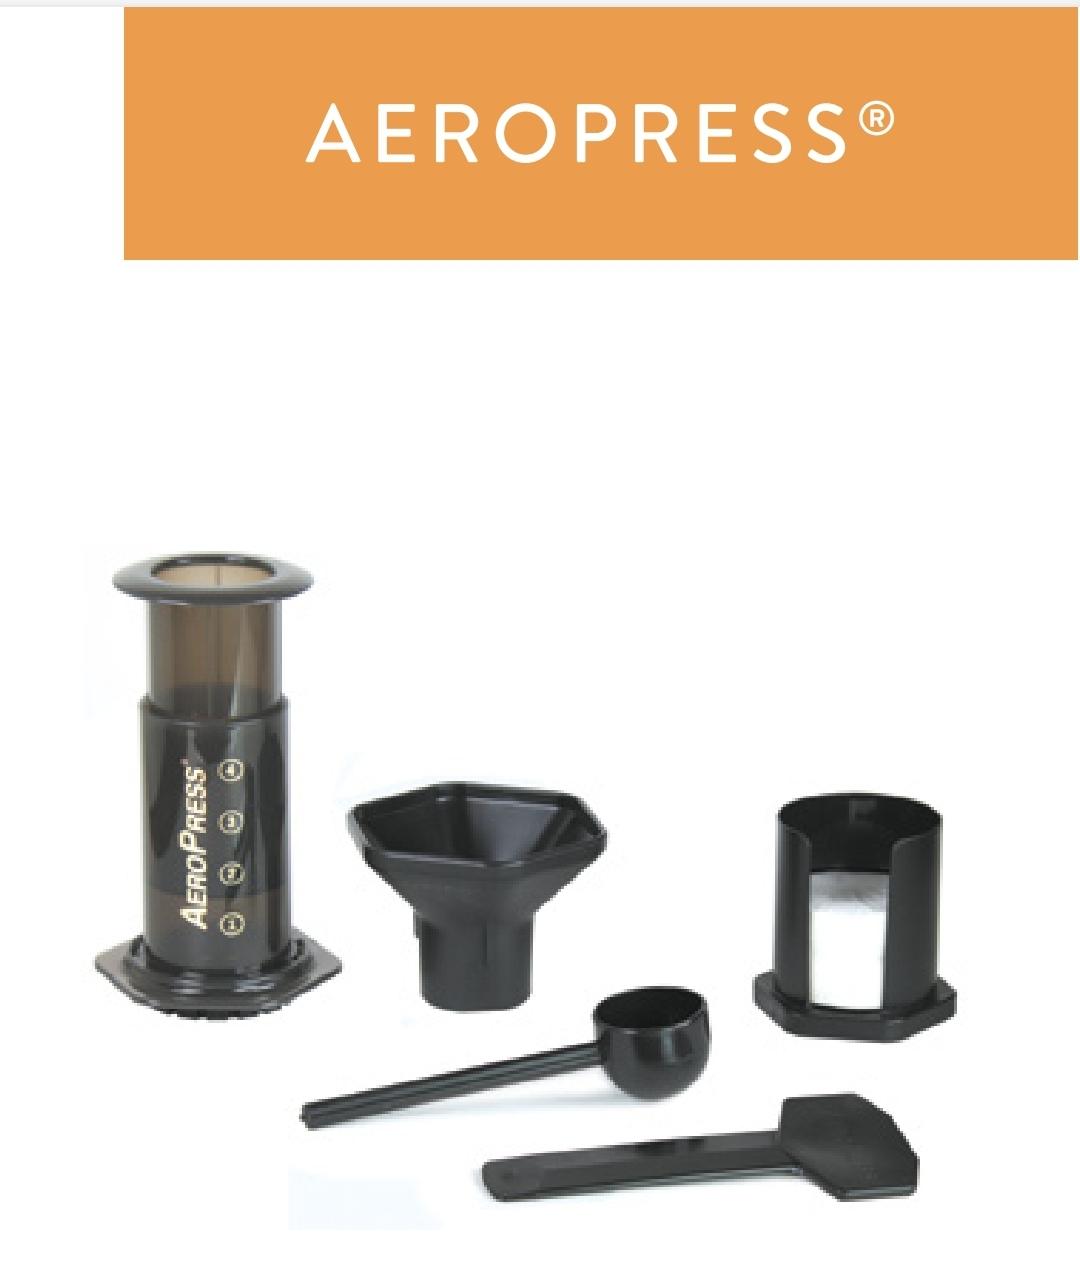 Cafetière AEROPRESS®